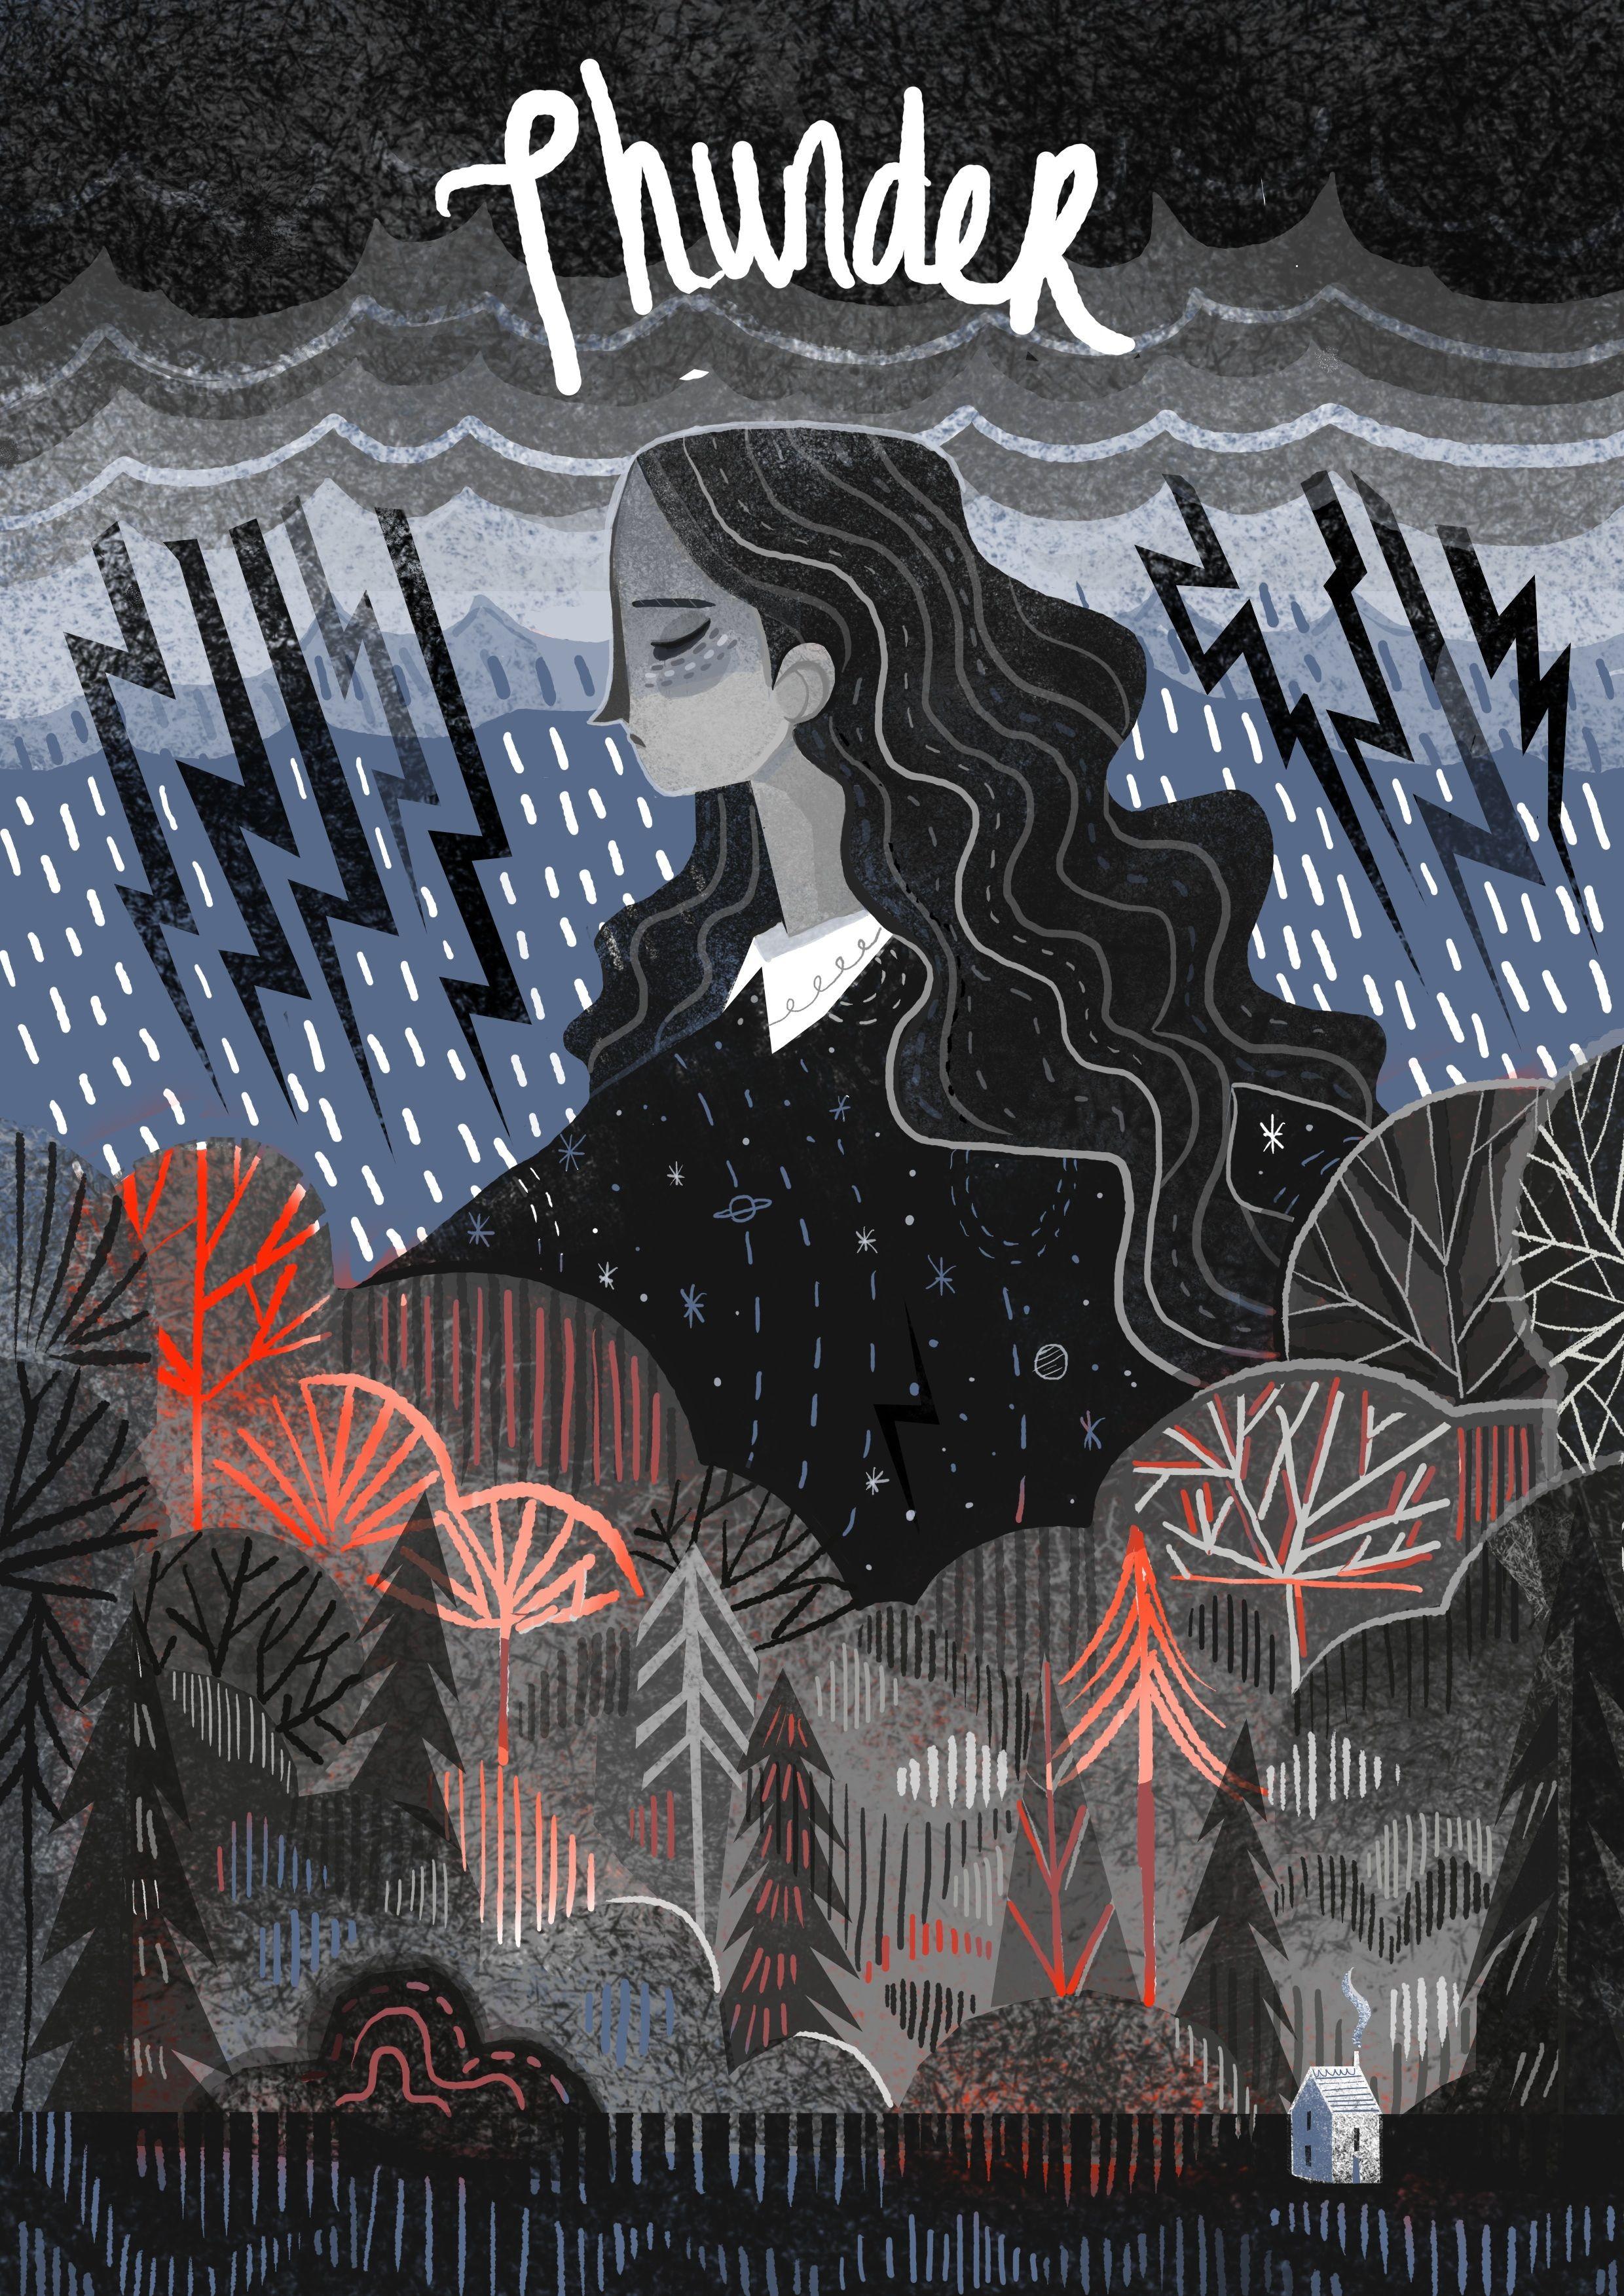 S t o r m s - Karl James Mountford Illustration